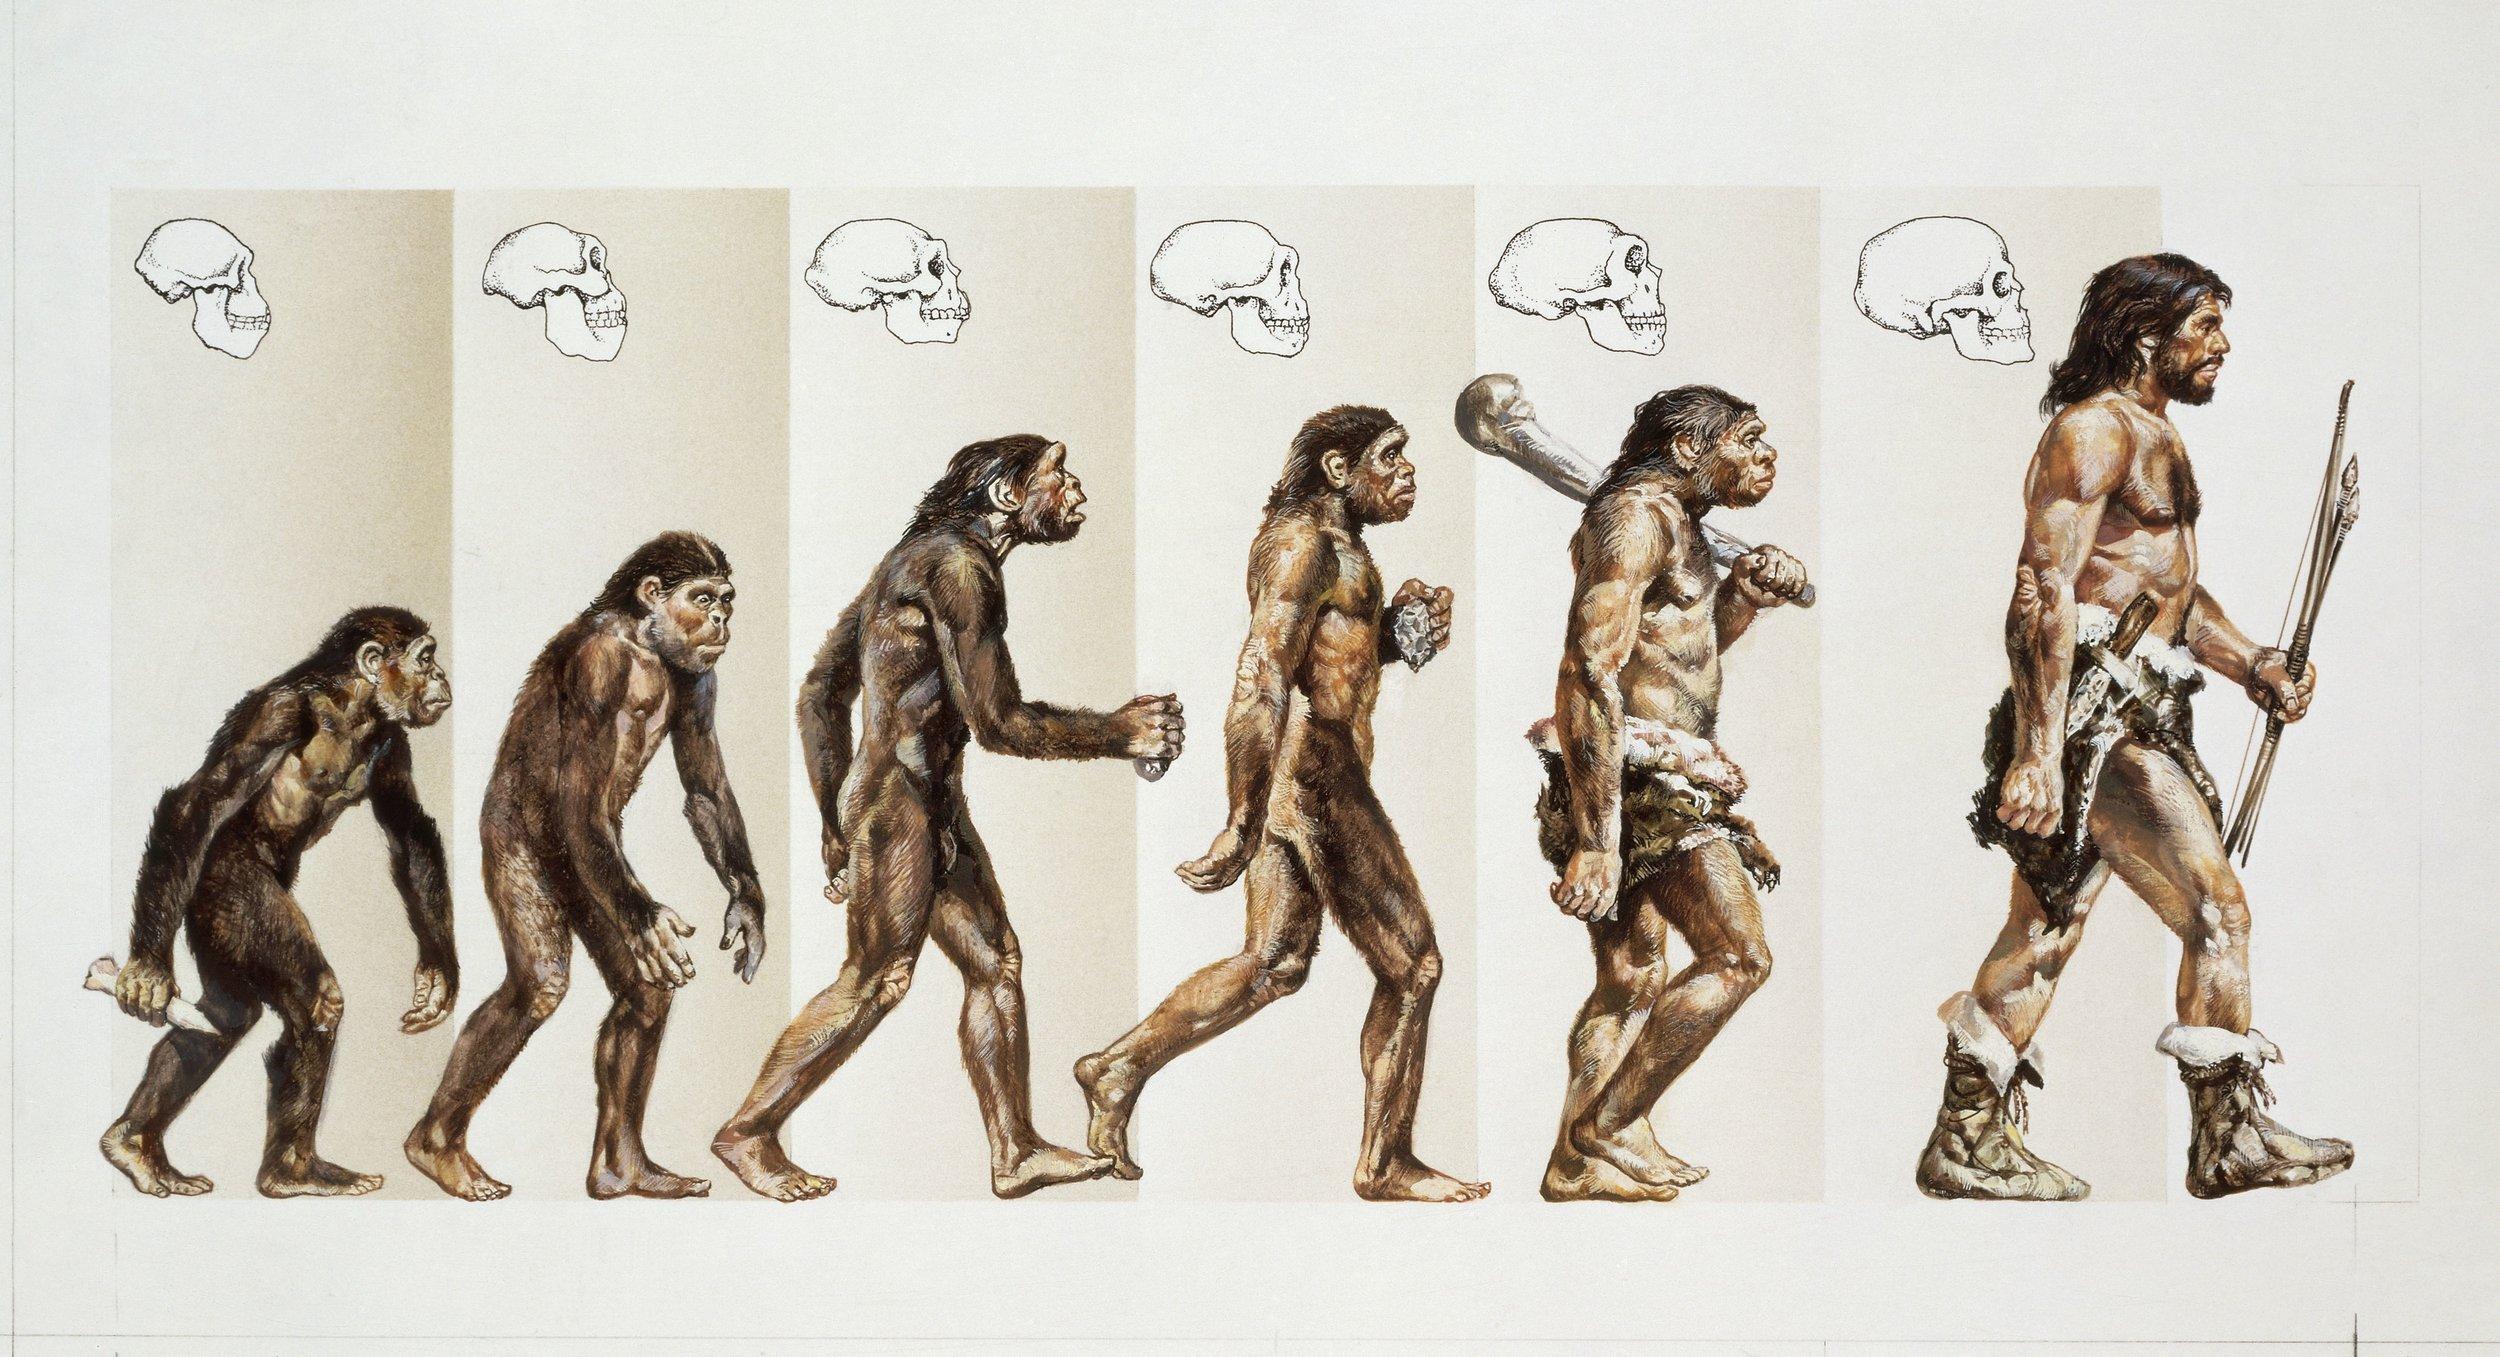 human-evolution-through-time-drawing-117196092-570697b93df78c7d9e99308c.jpg